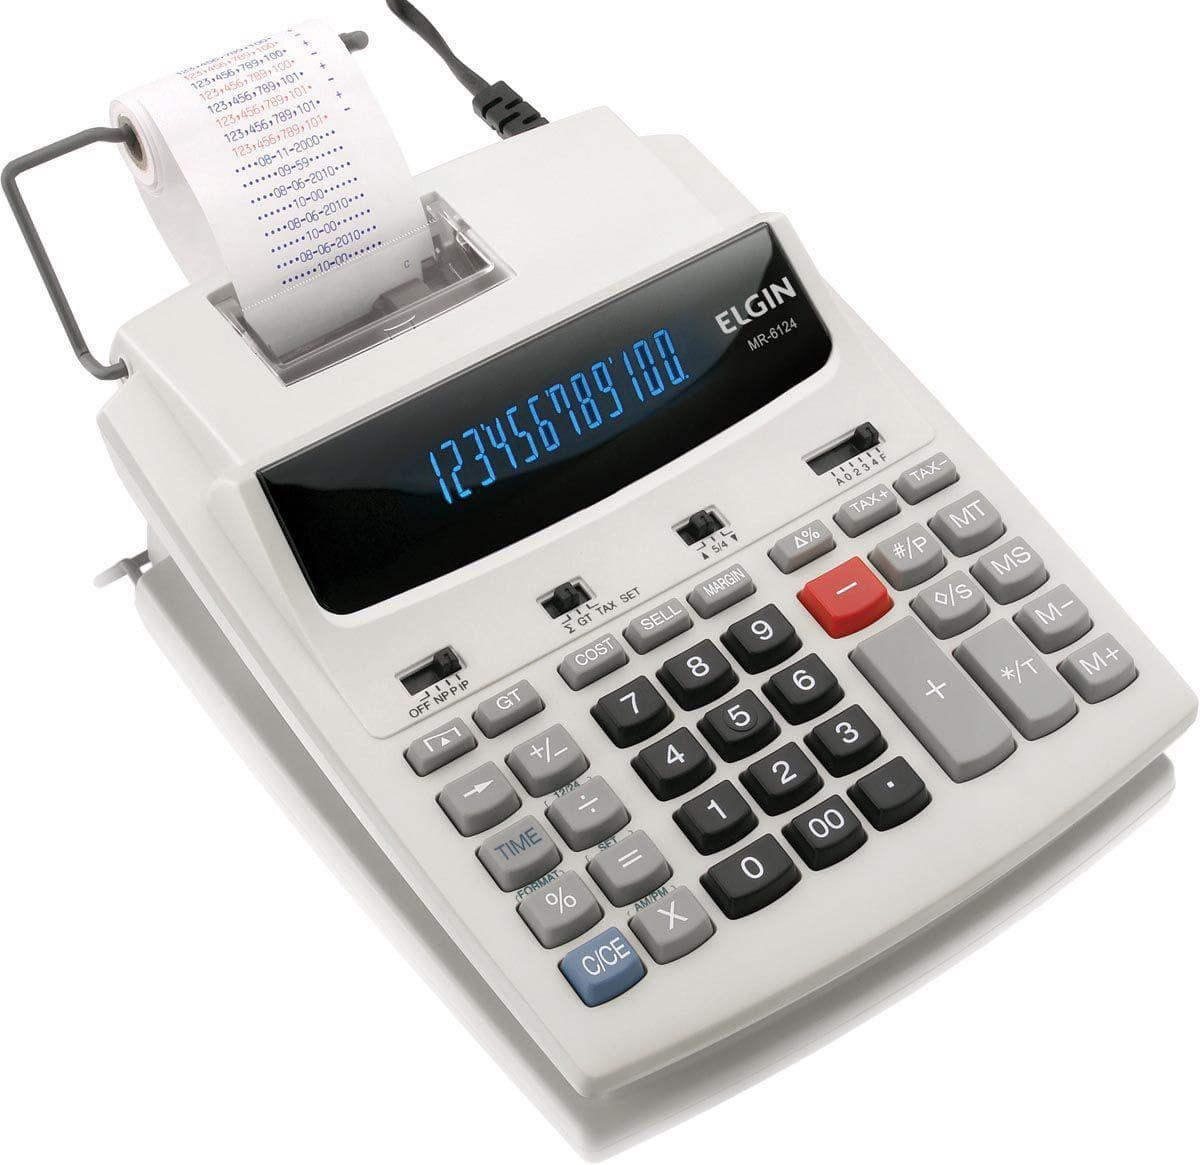 Calculadora com bobina 12 dígitos, MR-6124